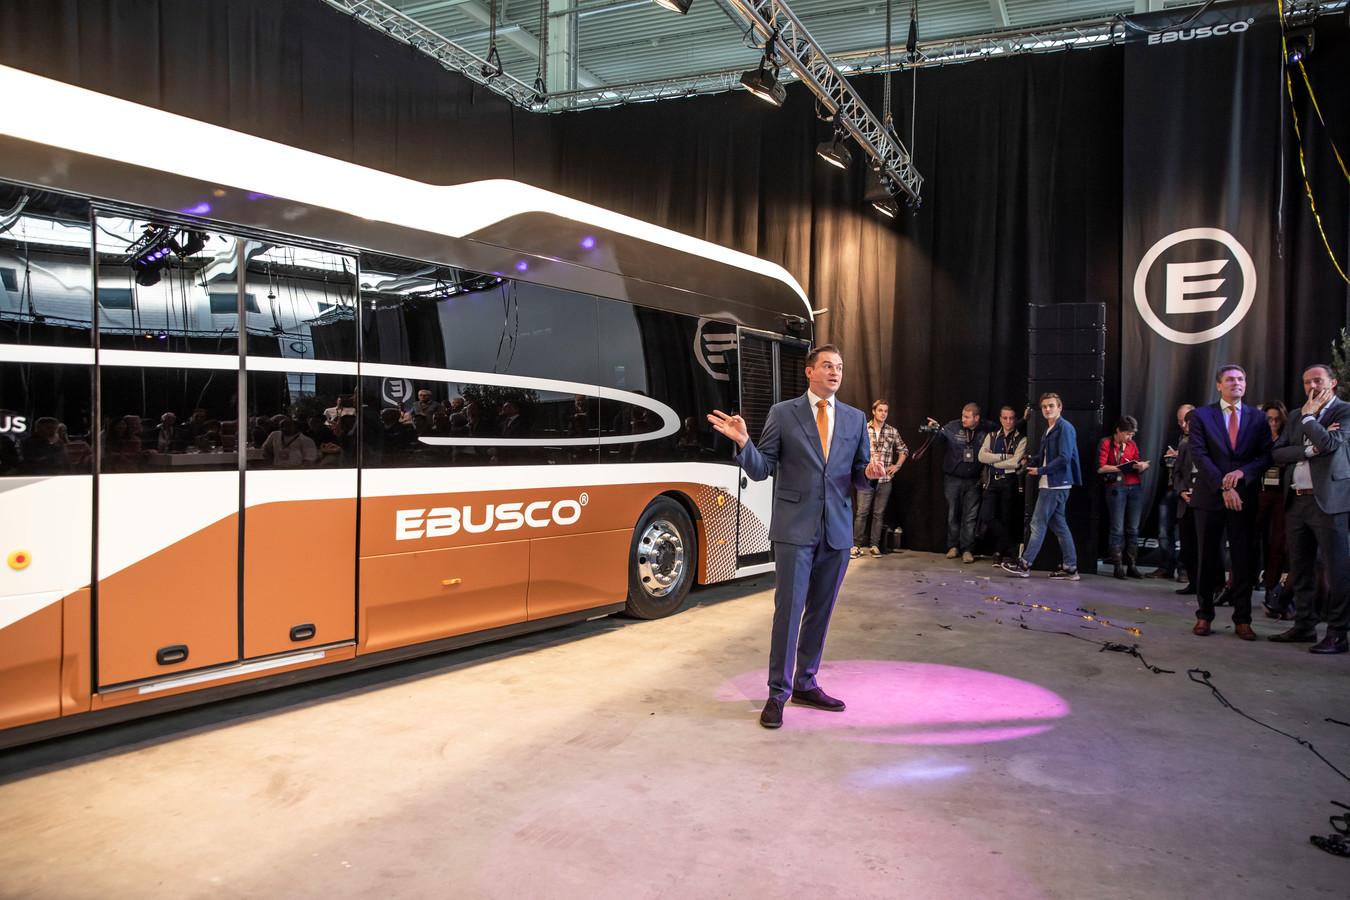 Behalve vliegtuigrompen kan ook het chassis van elektrische bussen van composiet worden gemaakt, zo bewijzen ze bij de Ebusco.